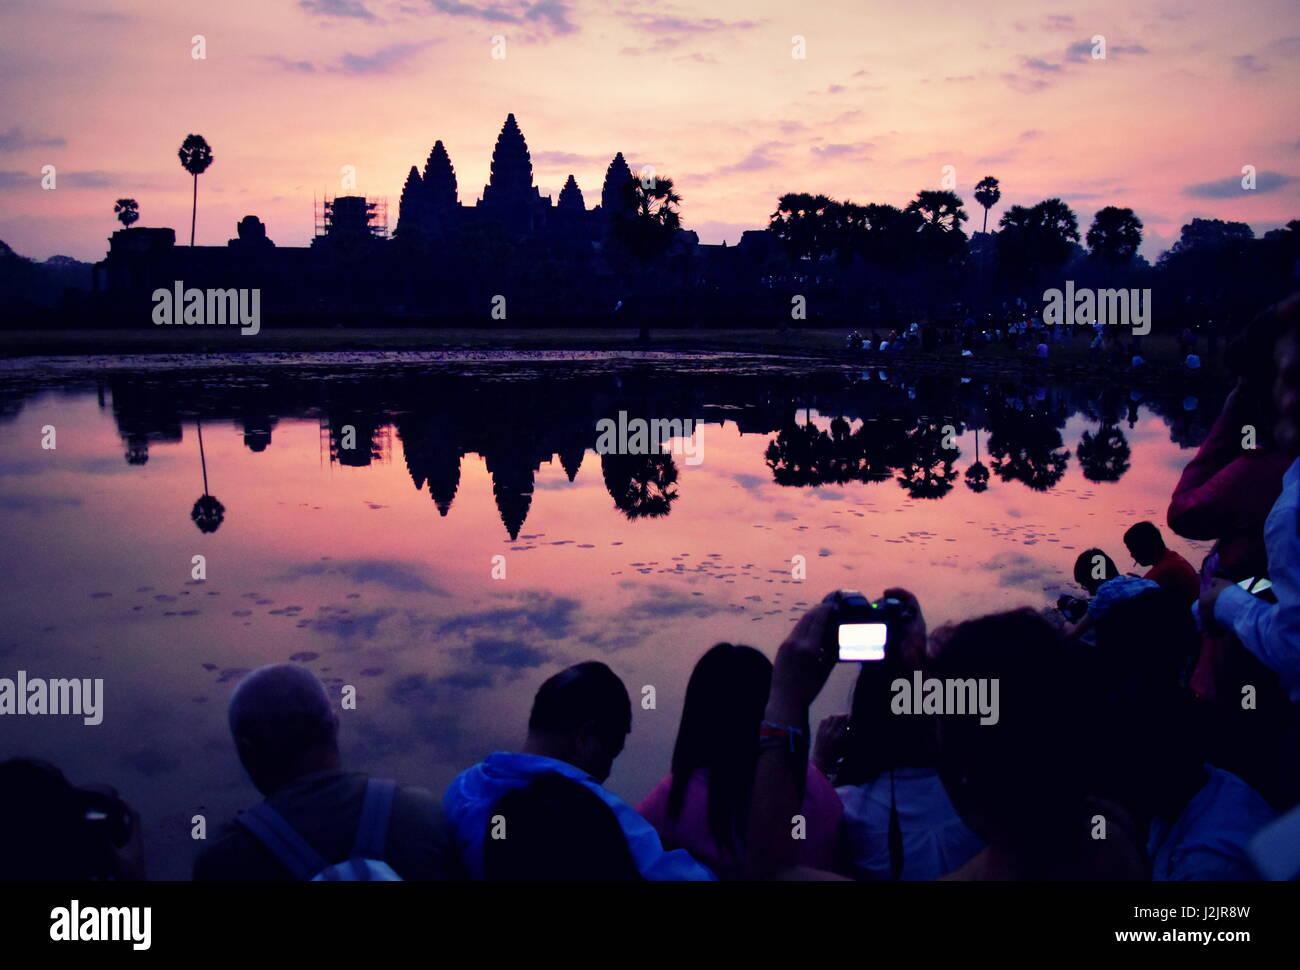 Colores bellos amaneceres sobre Angkor Wat antiguas ruinas de templos de piedra, Camboya Imagen De Stock